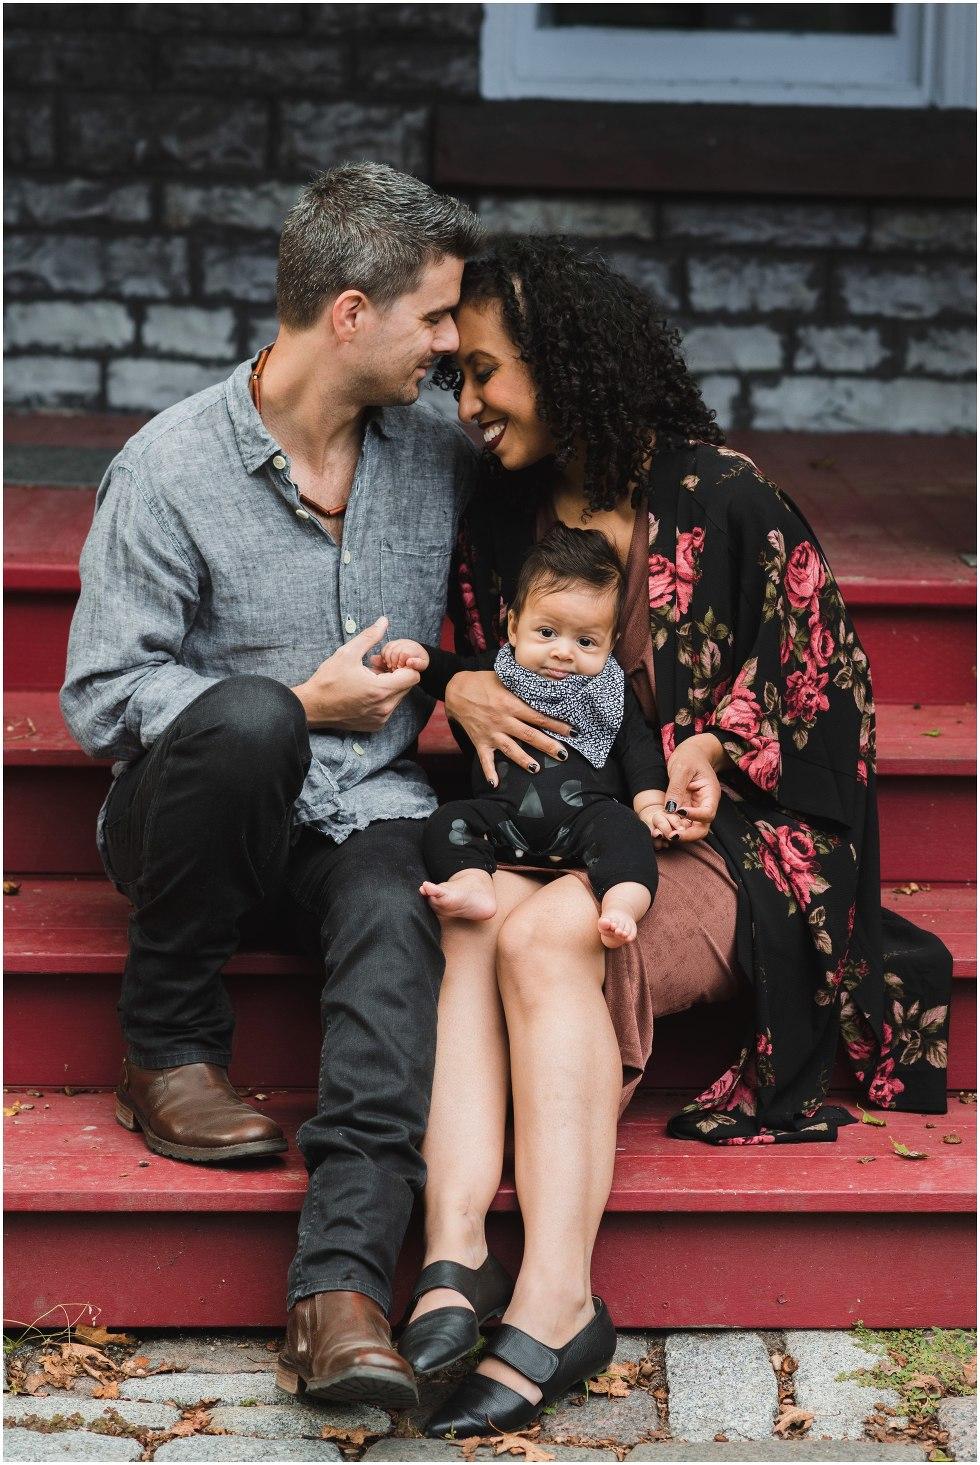 Toronto beaches family photos, gillian foster photography